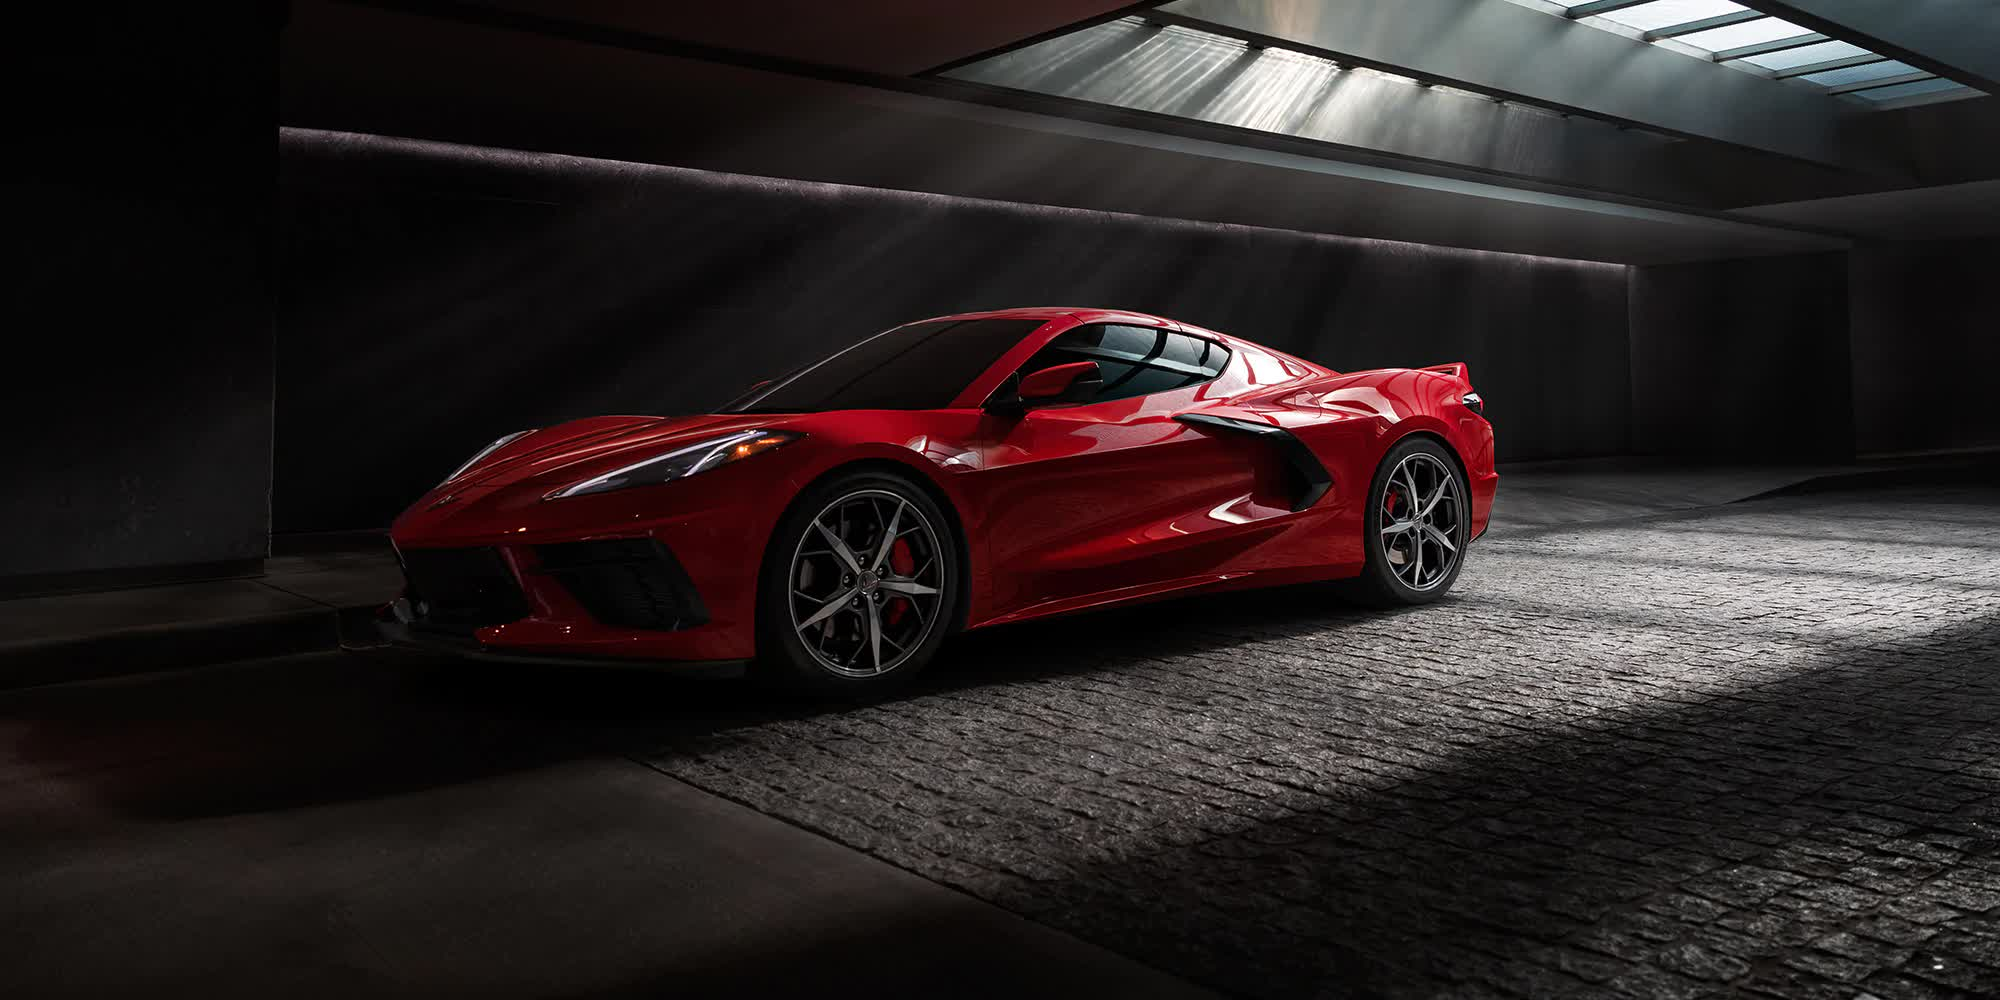 Corvette-c8-stingray-rossa-2020-auto-sportiva-a-motore-centrale-disponibile-con-allestimento-coupe-e-convertible-in-esclusiva-presso-gruppo-cavauto-a-Monza.jpg